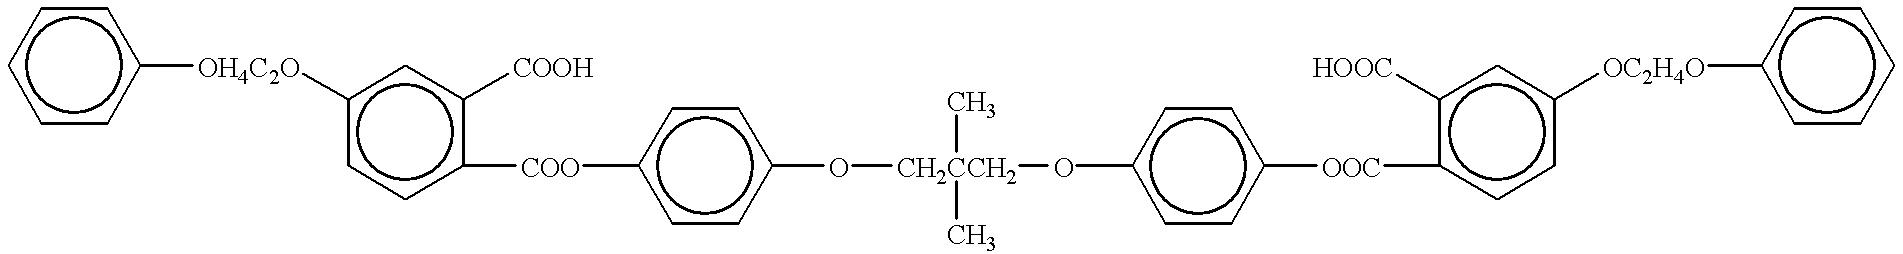 Figure US06180560-20010130-C00374